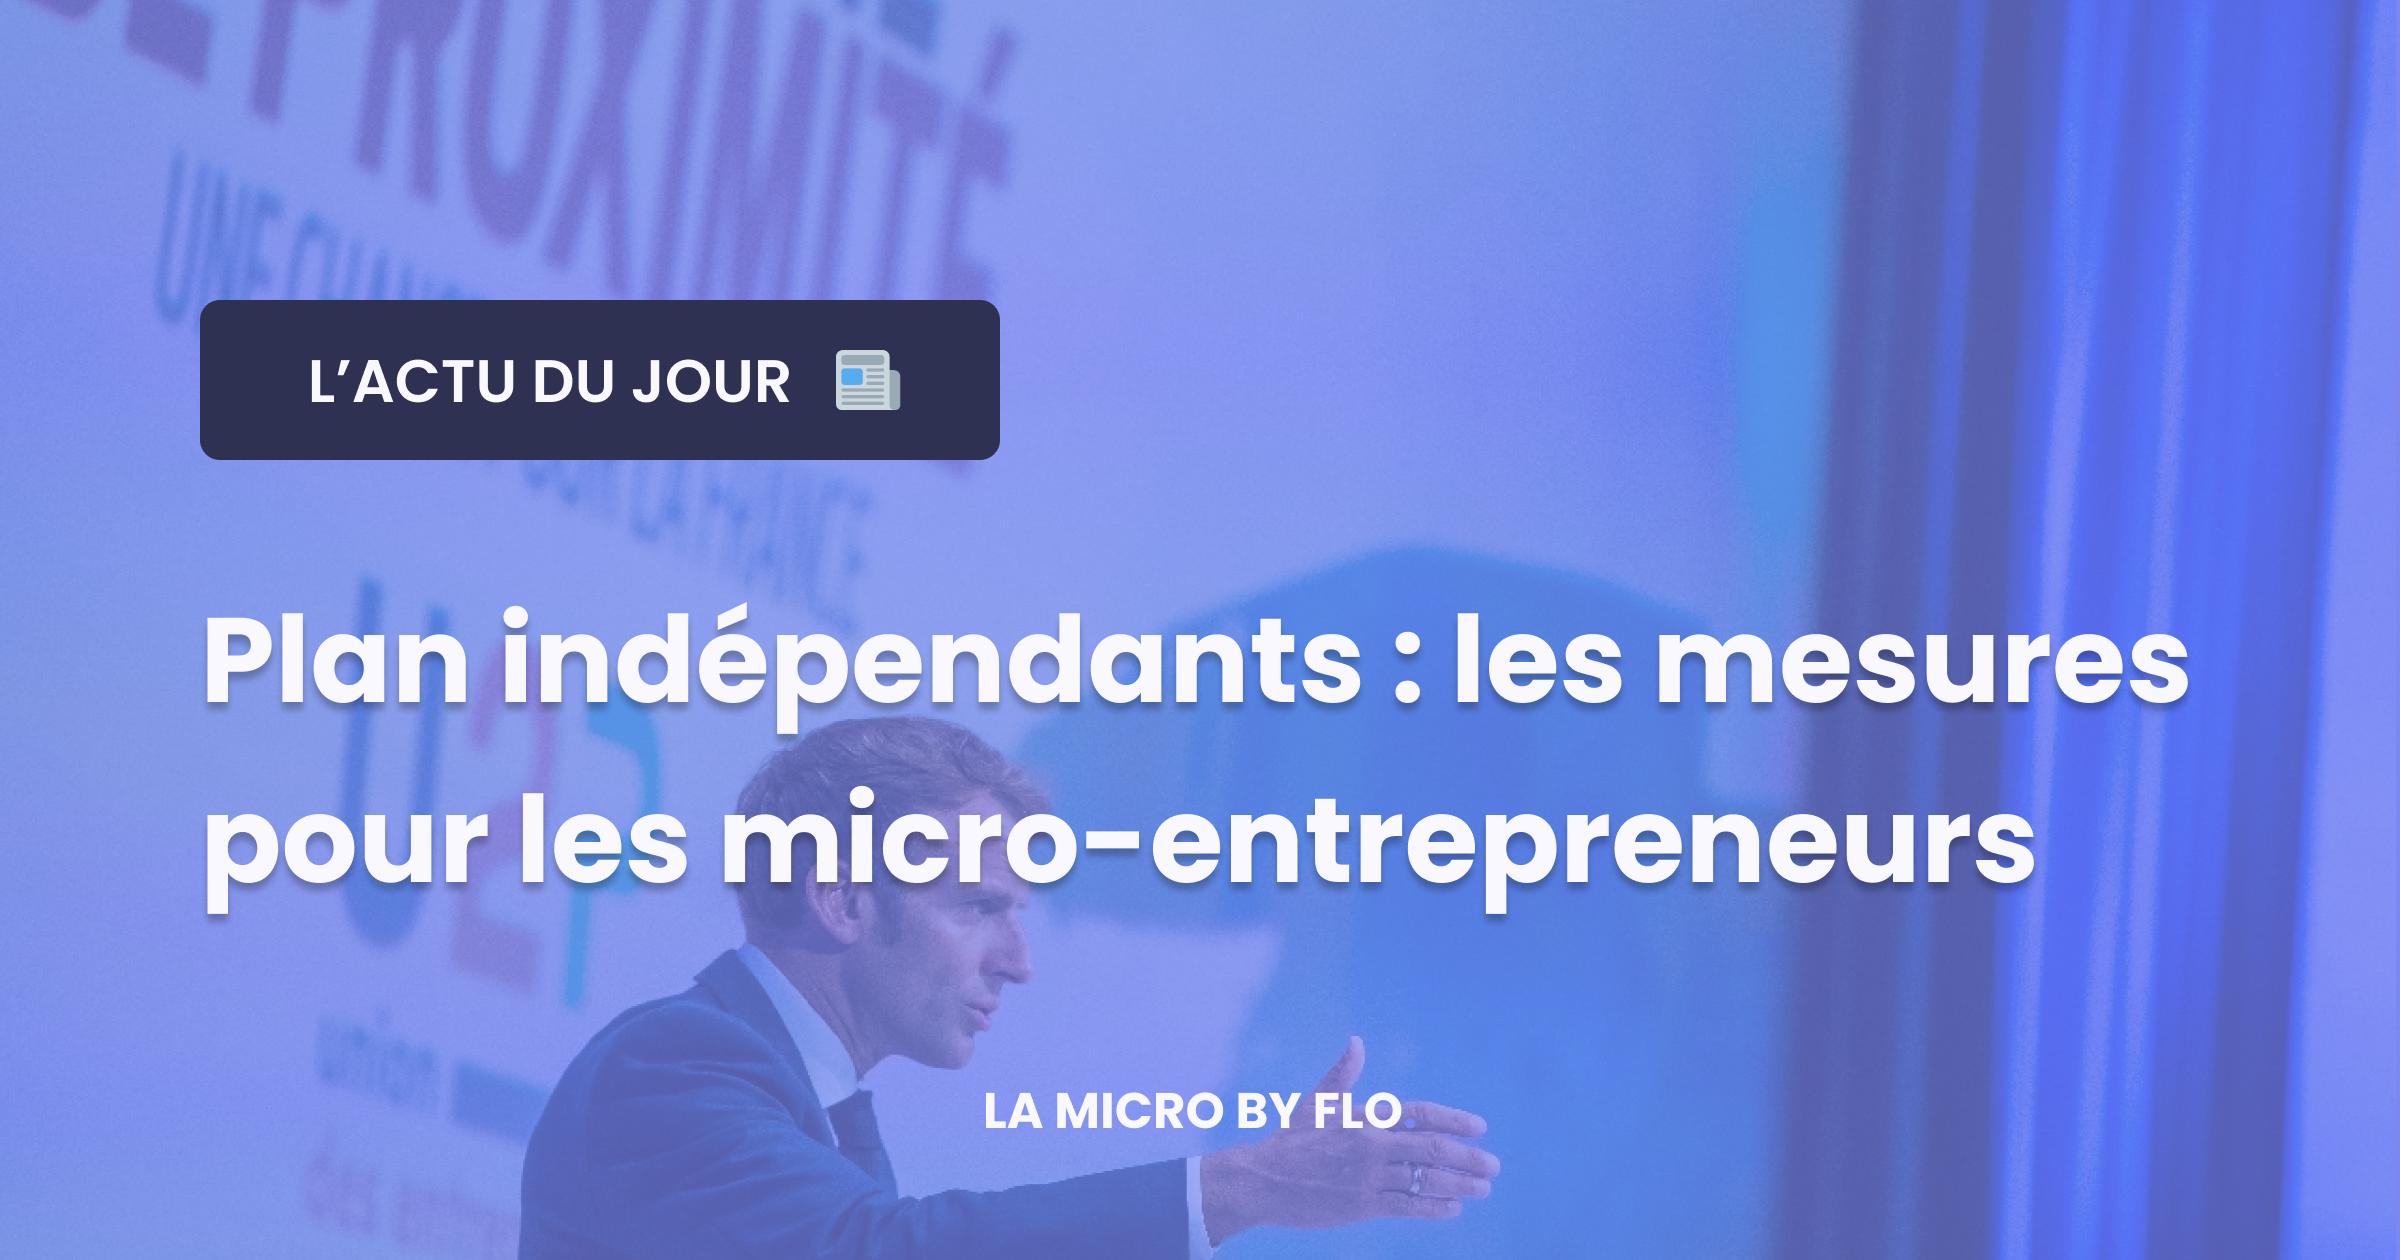 📜 Plan indépendants : les mesures pour les micro-entreprises